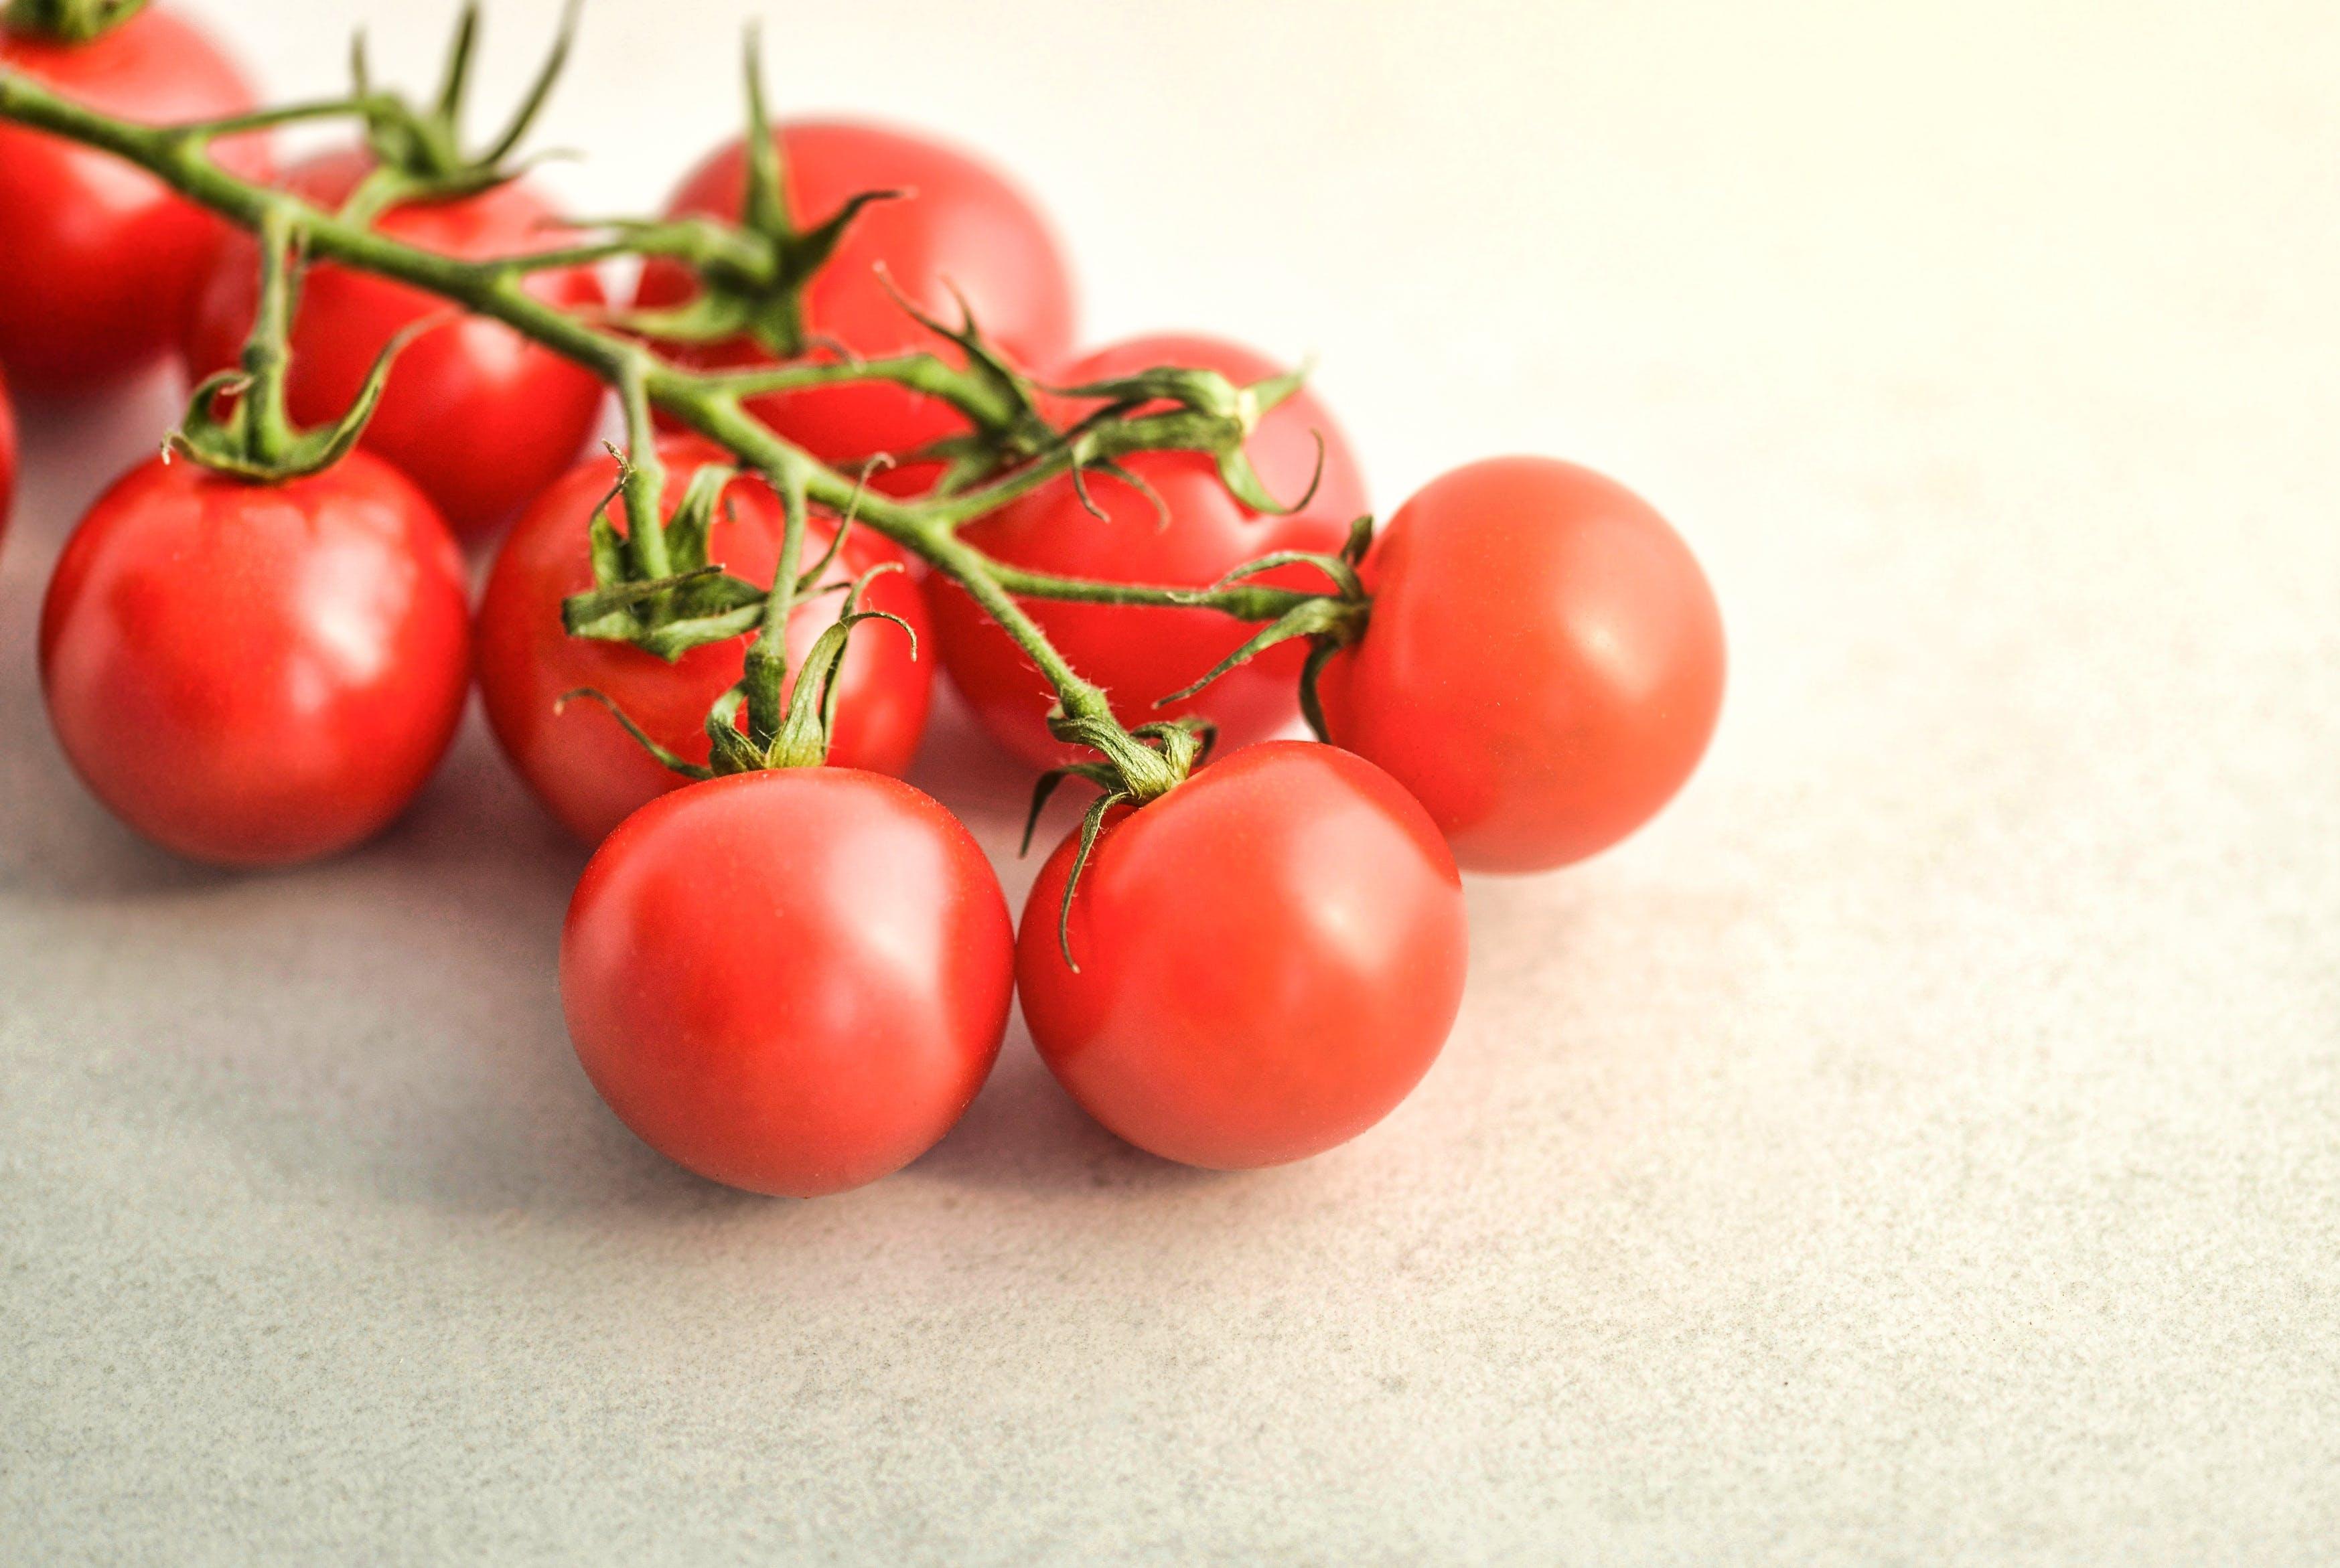 Ảnh lưu trữ miễn phí về cà chua, cận cảnh, chụp ảnh thực phẩm, món ăn